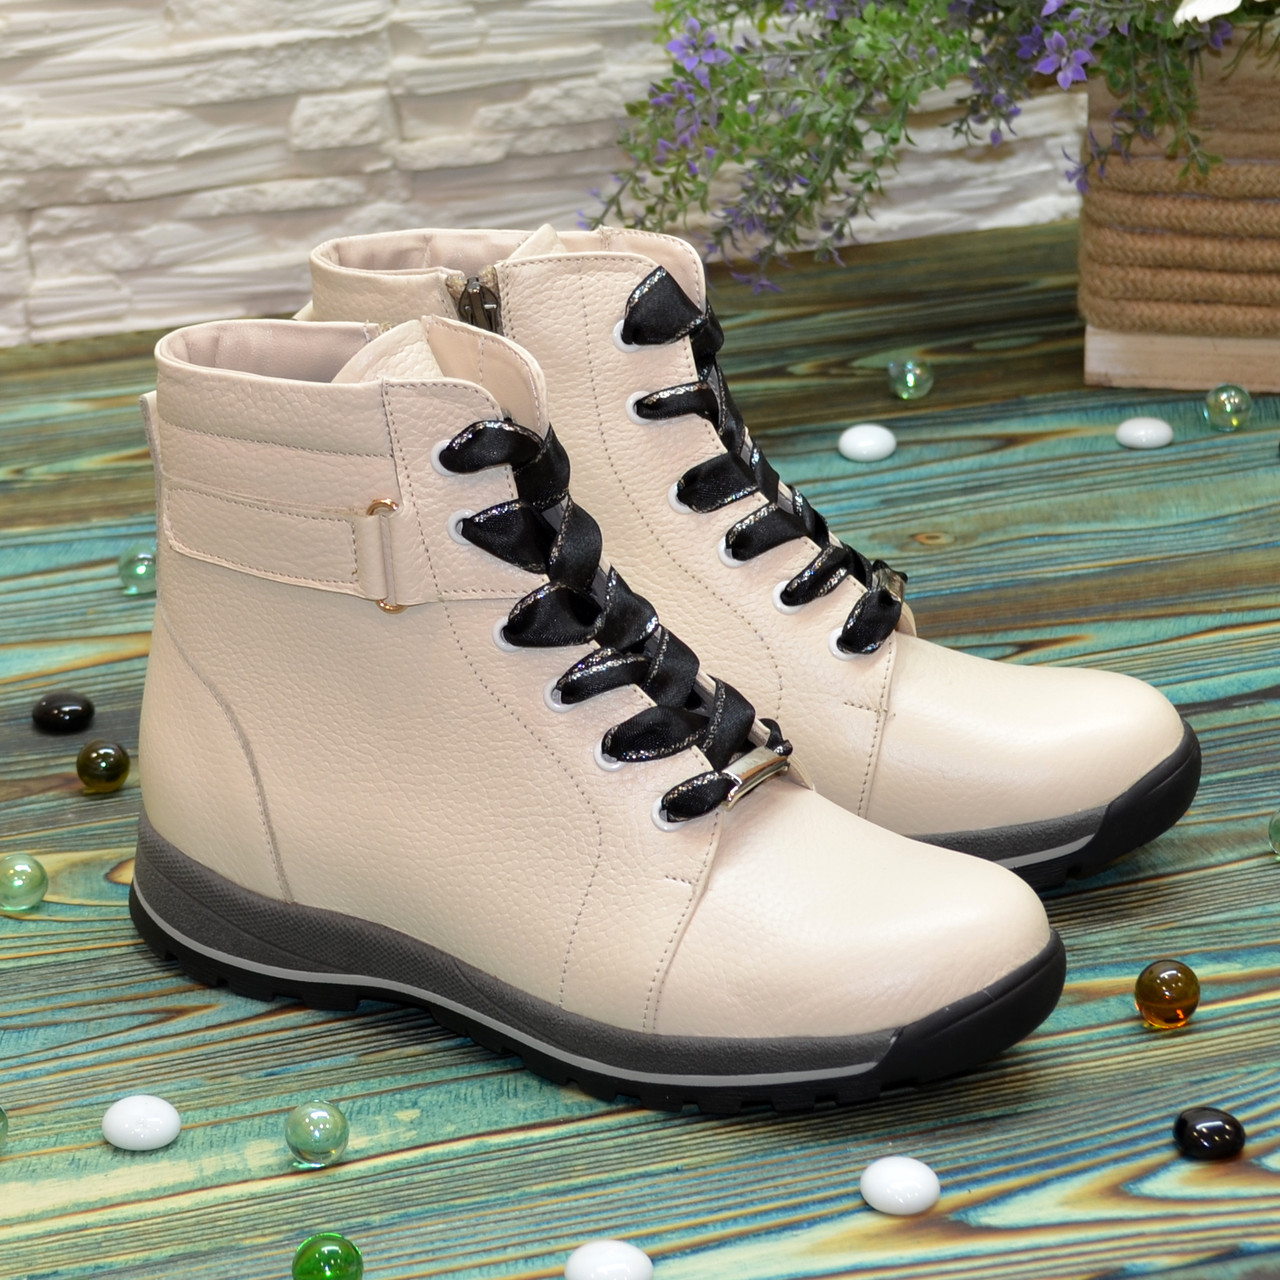 Ботинки кожаные подростковые на утолщённой подошве, цвет бежевый